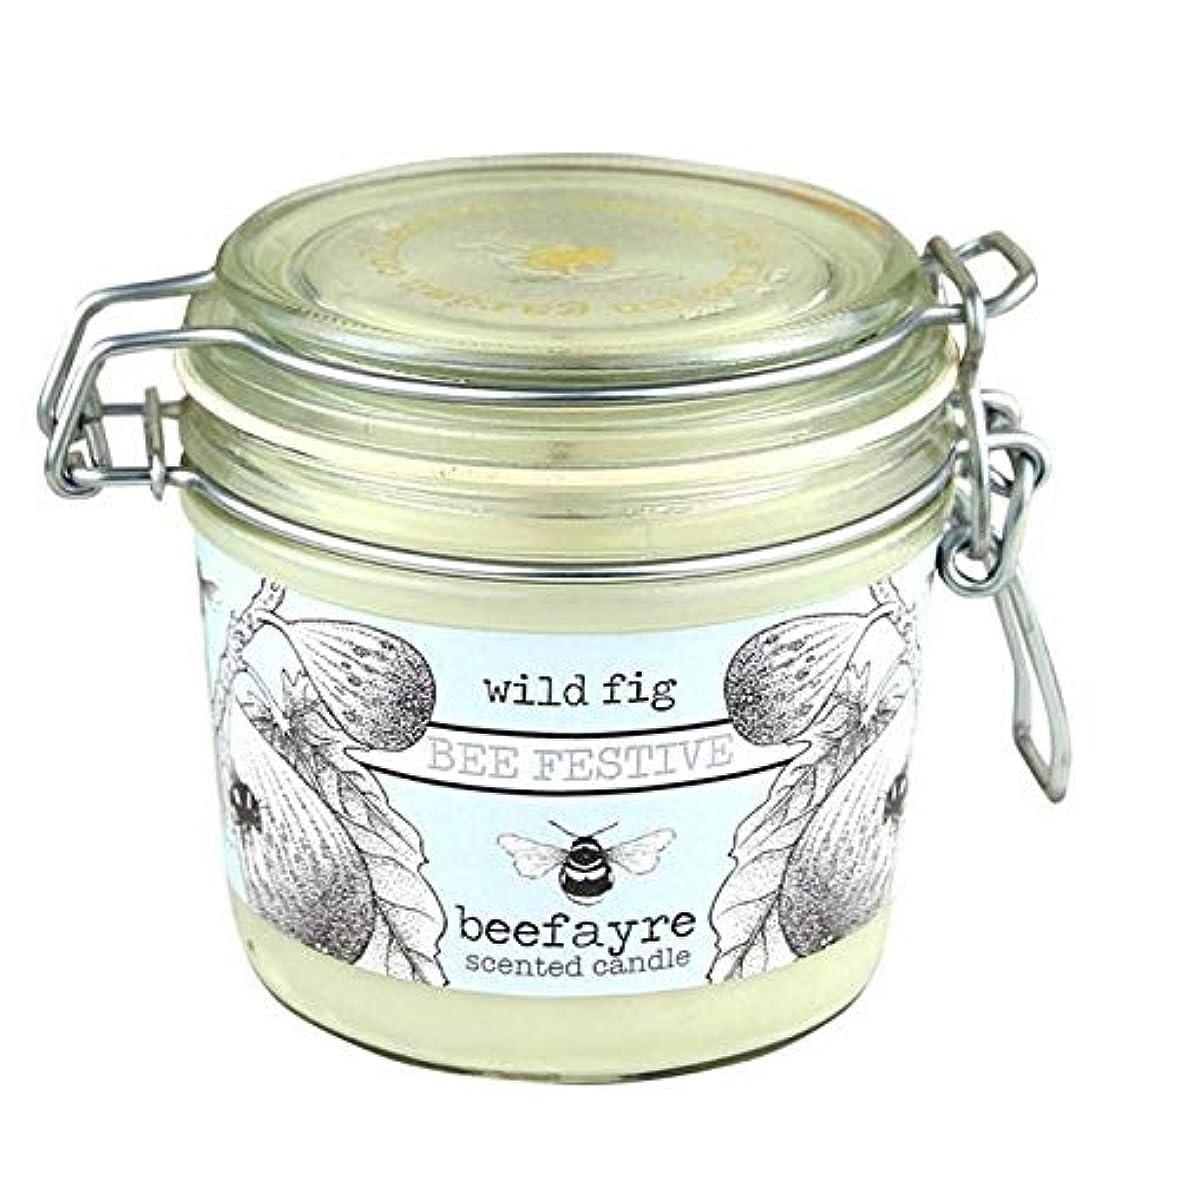 ヘロインインタラクション破壊的[Beefayre] 野生のイチジク大きな香りのキャンドルBeefayre - Beefayre Wild Fig Large Scented Candle [並行輸入品]